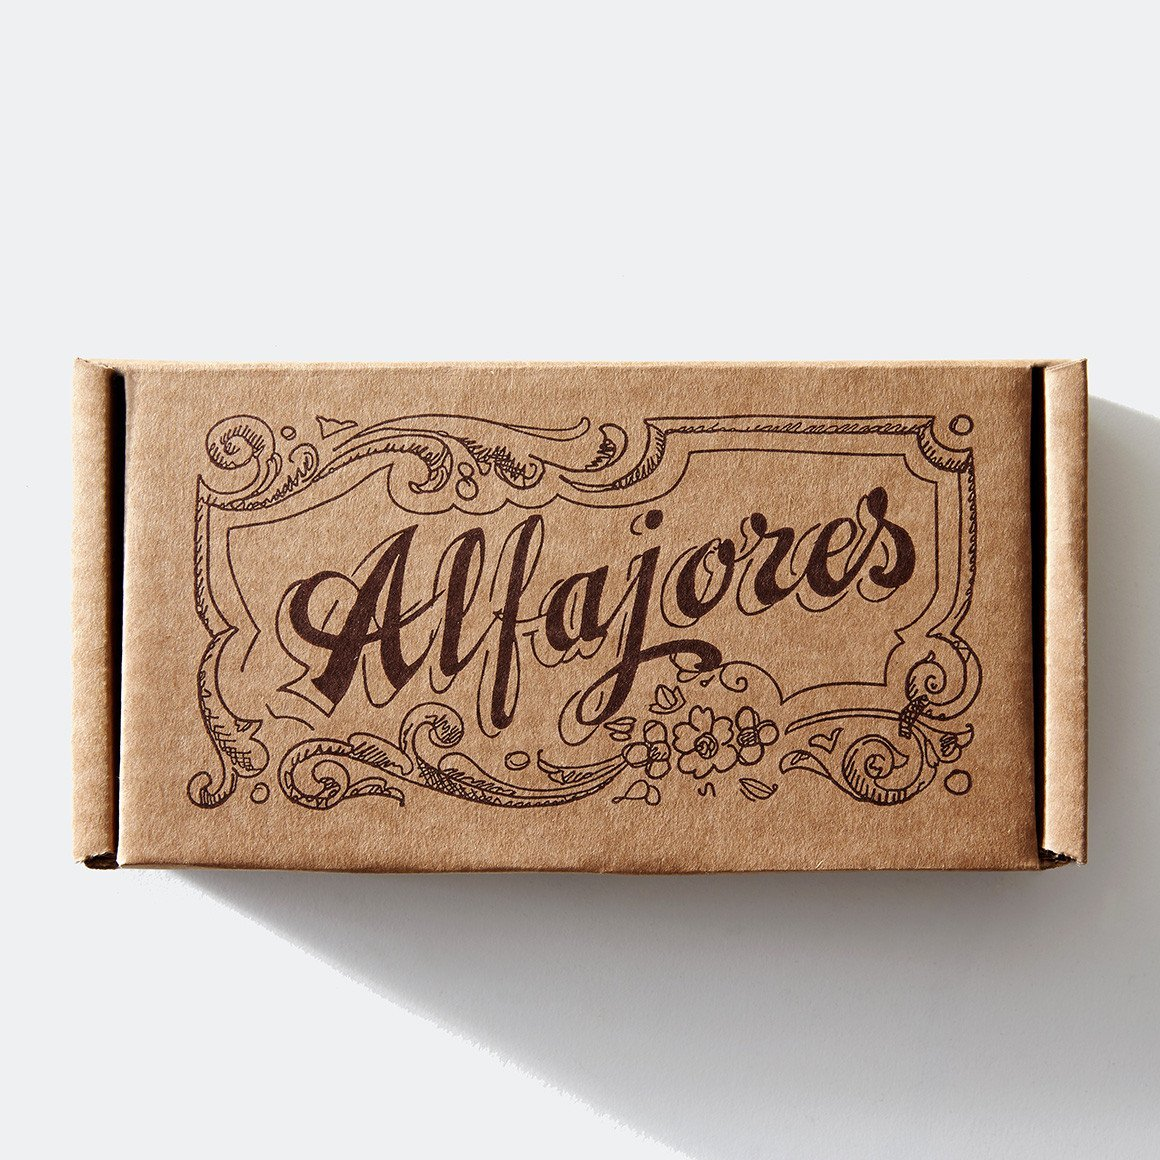 Amazon.com : 16 Traditional Argentine Alfajores de Maizena : Grocery & Gourmet Food